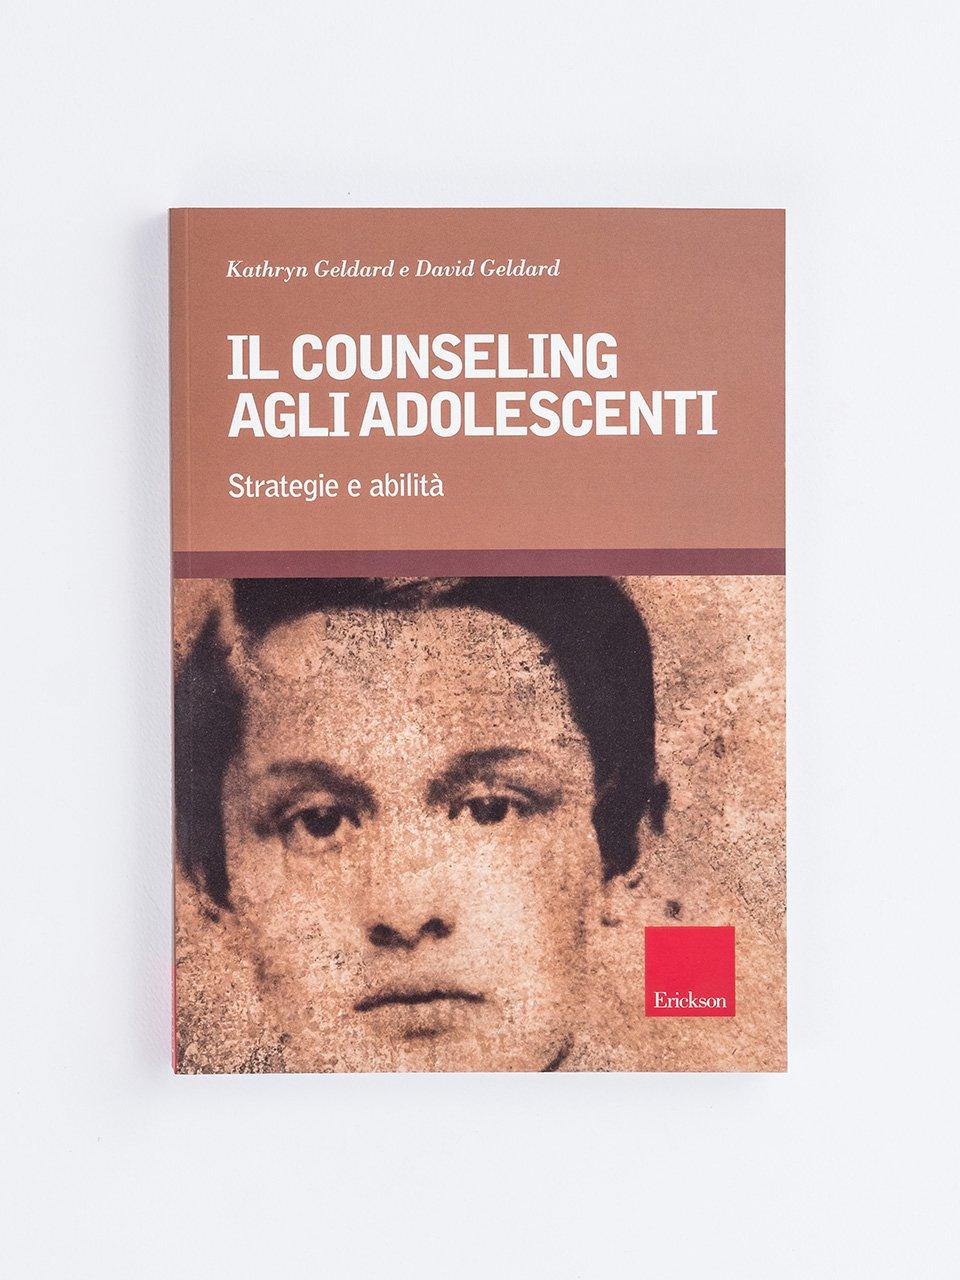 Il counseling agli adolescenti - Servizi sociali/educativi/sanitari - Erickson